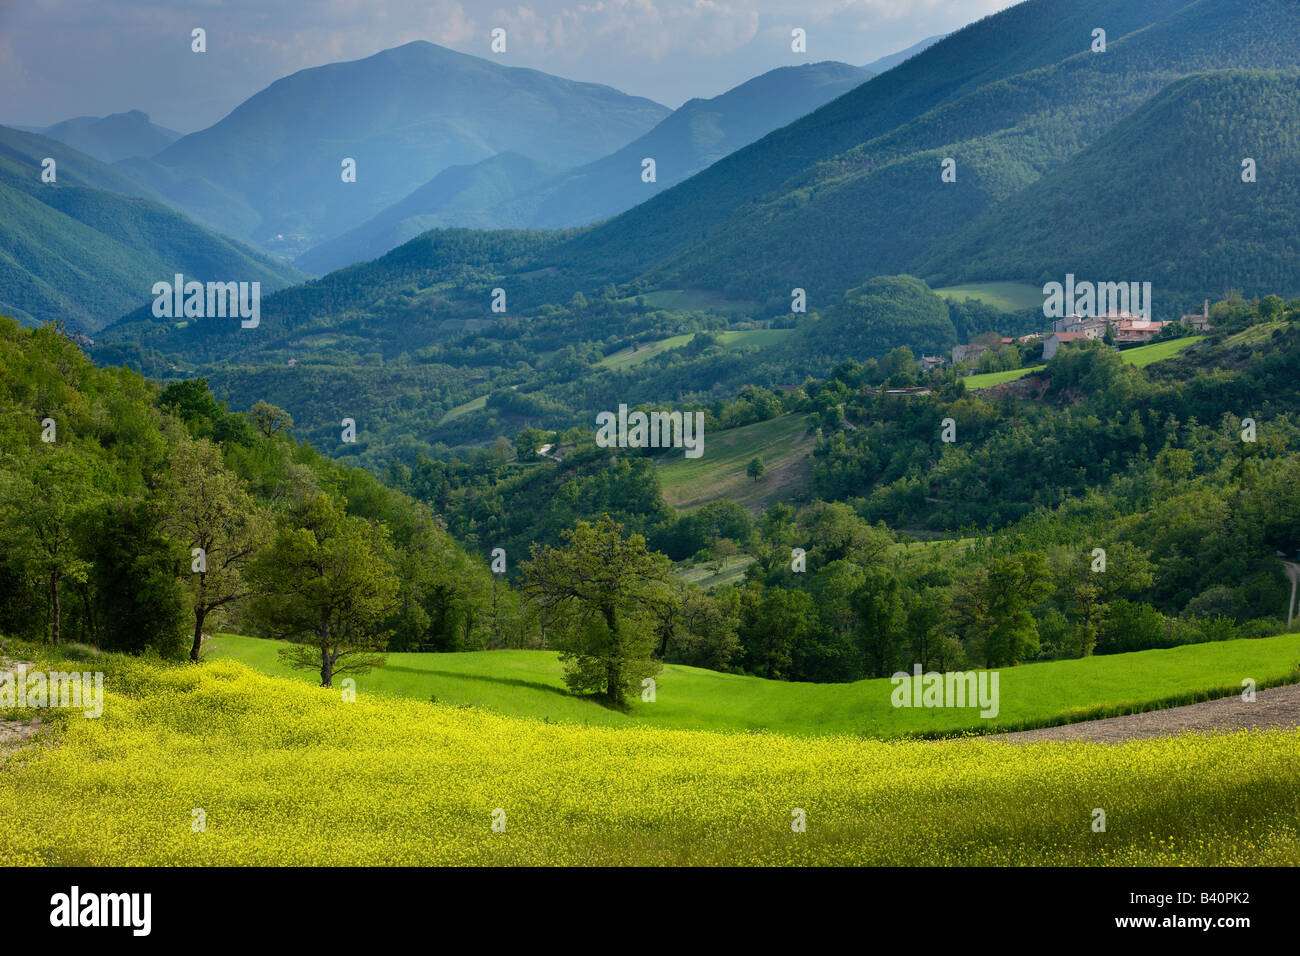 Frühling in der Valnerina in der Nähe von Meggiano, Umbrien, Italien Stockfoto